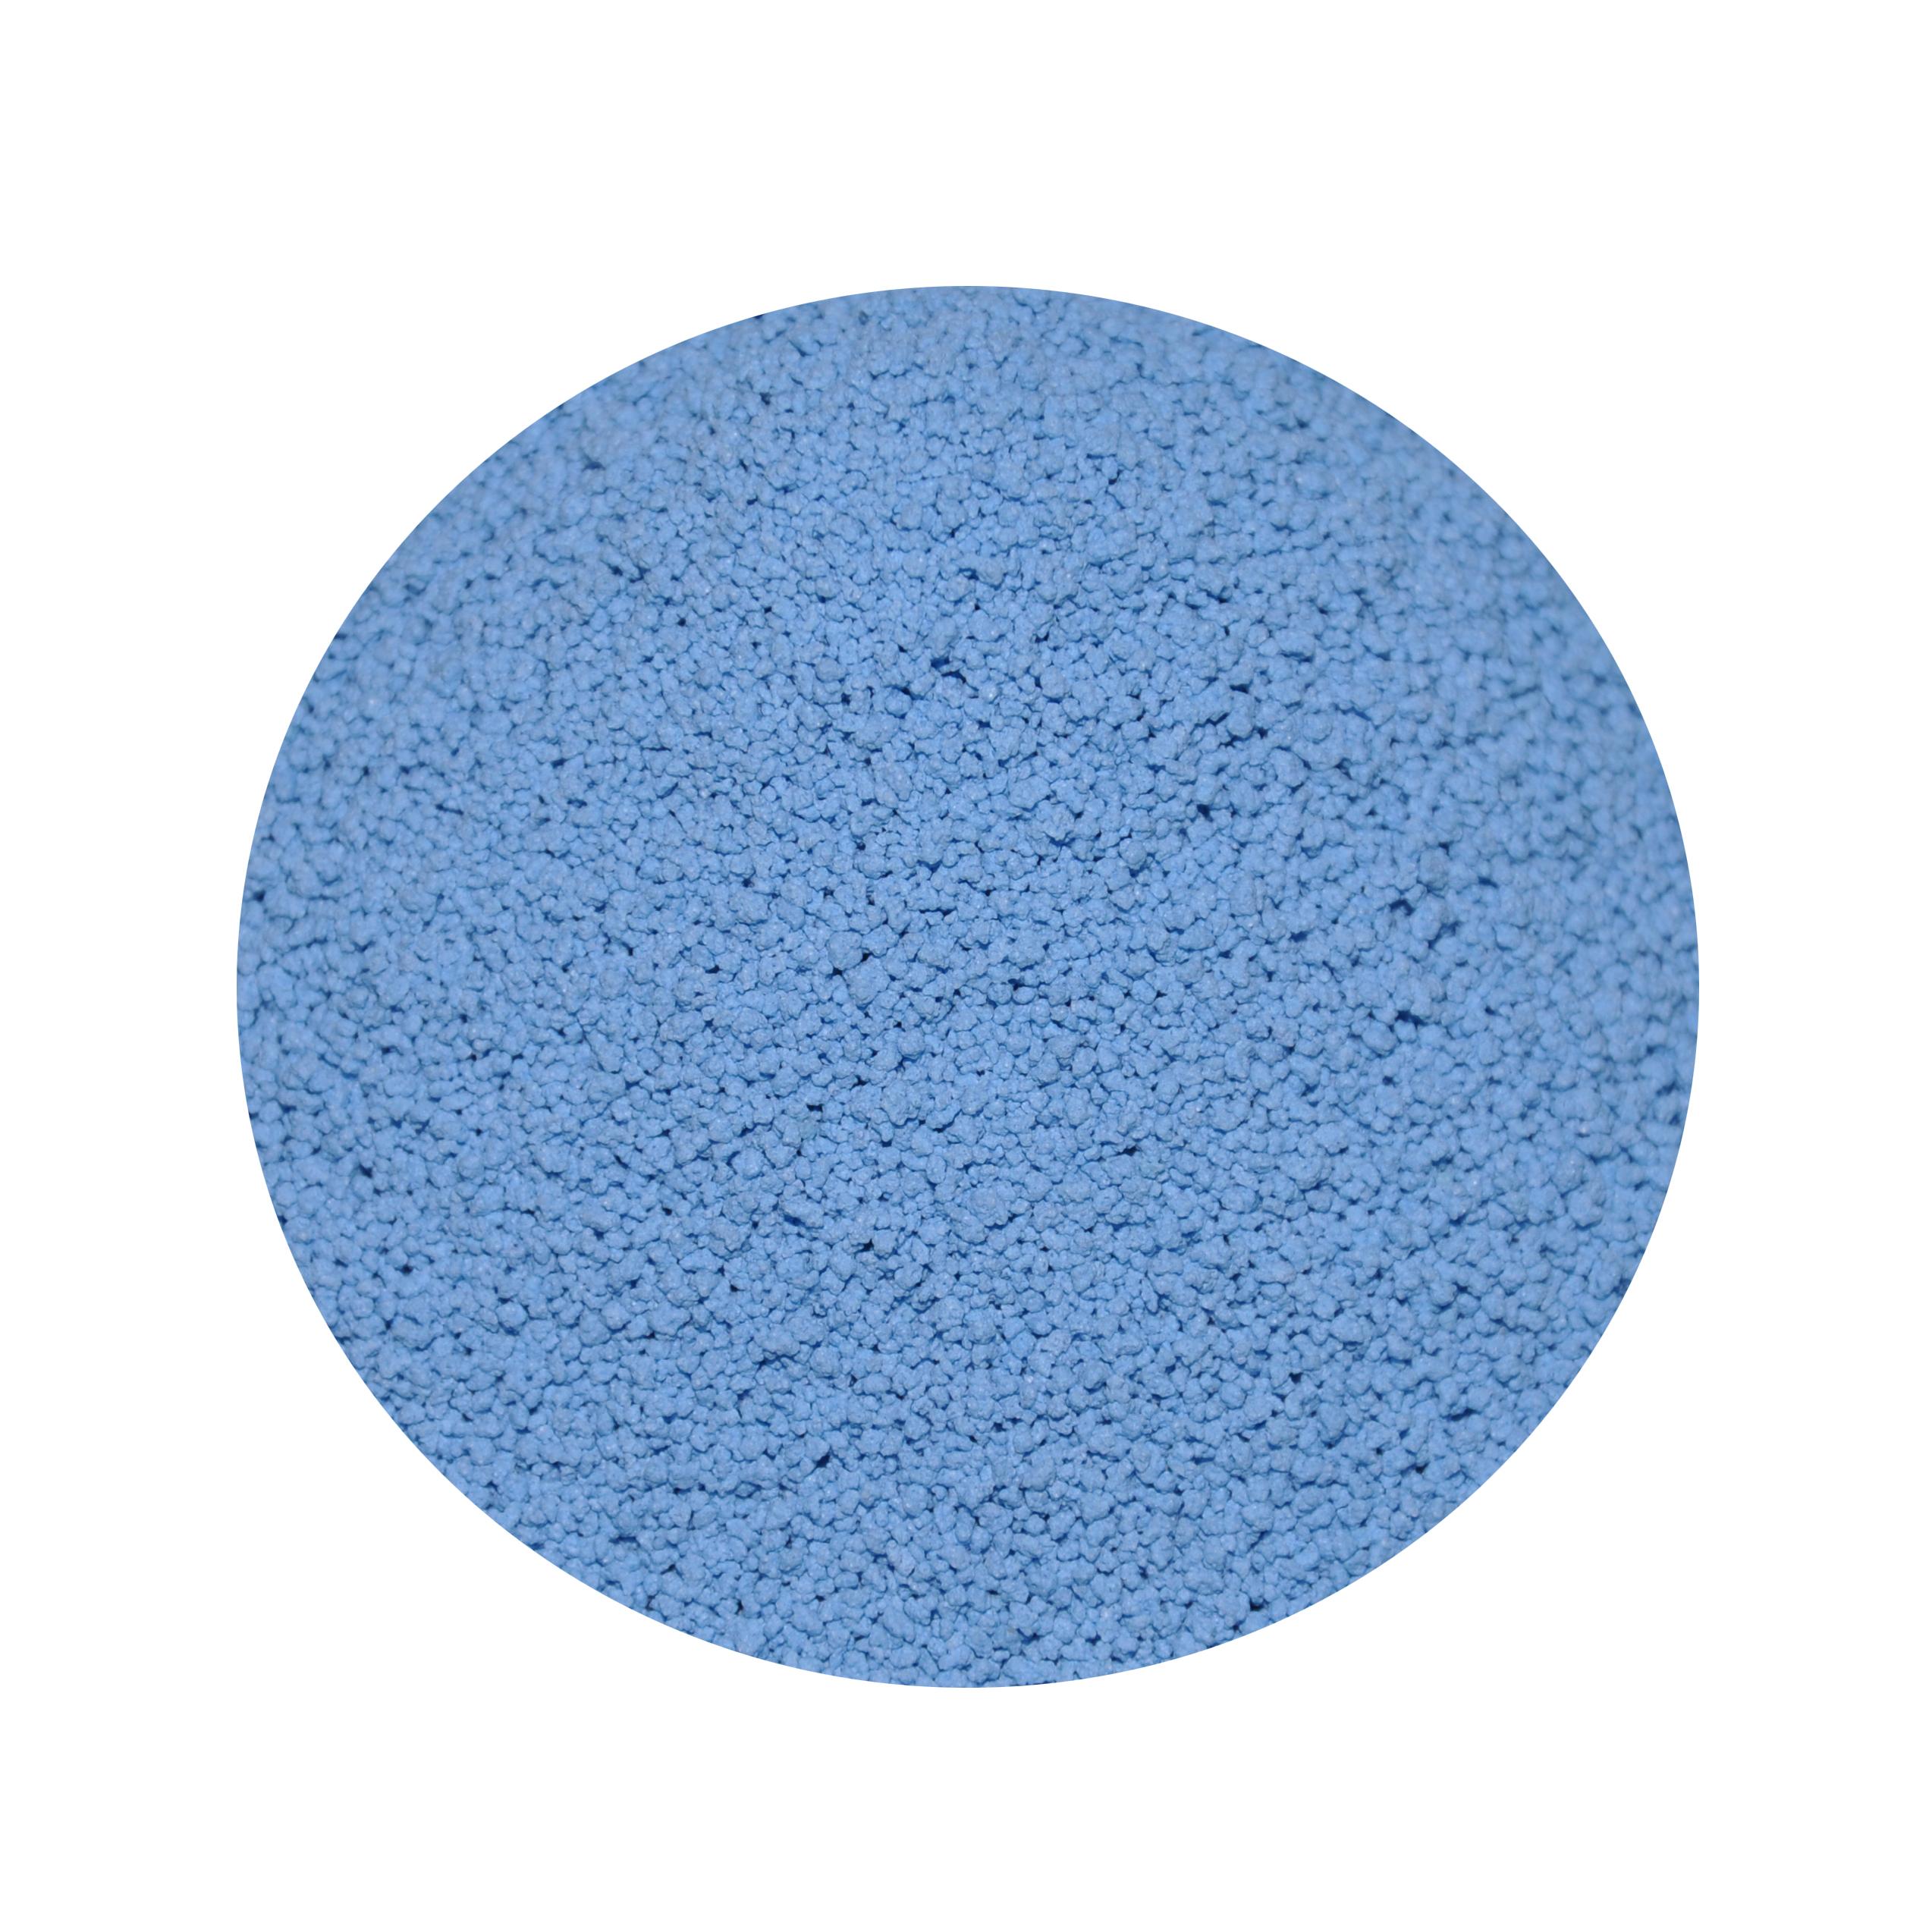 detergent color speckle colored granules for detergent